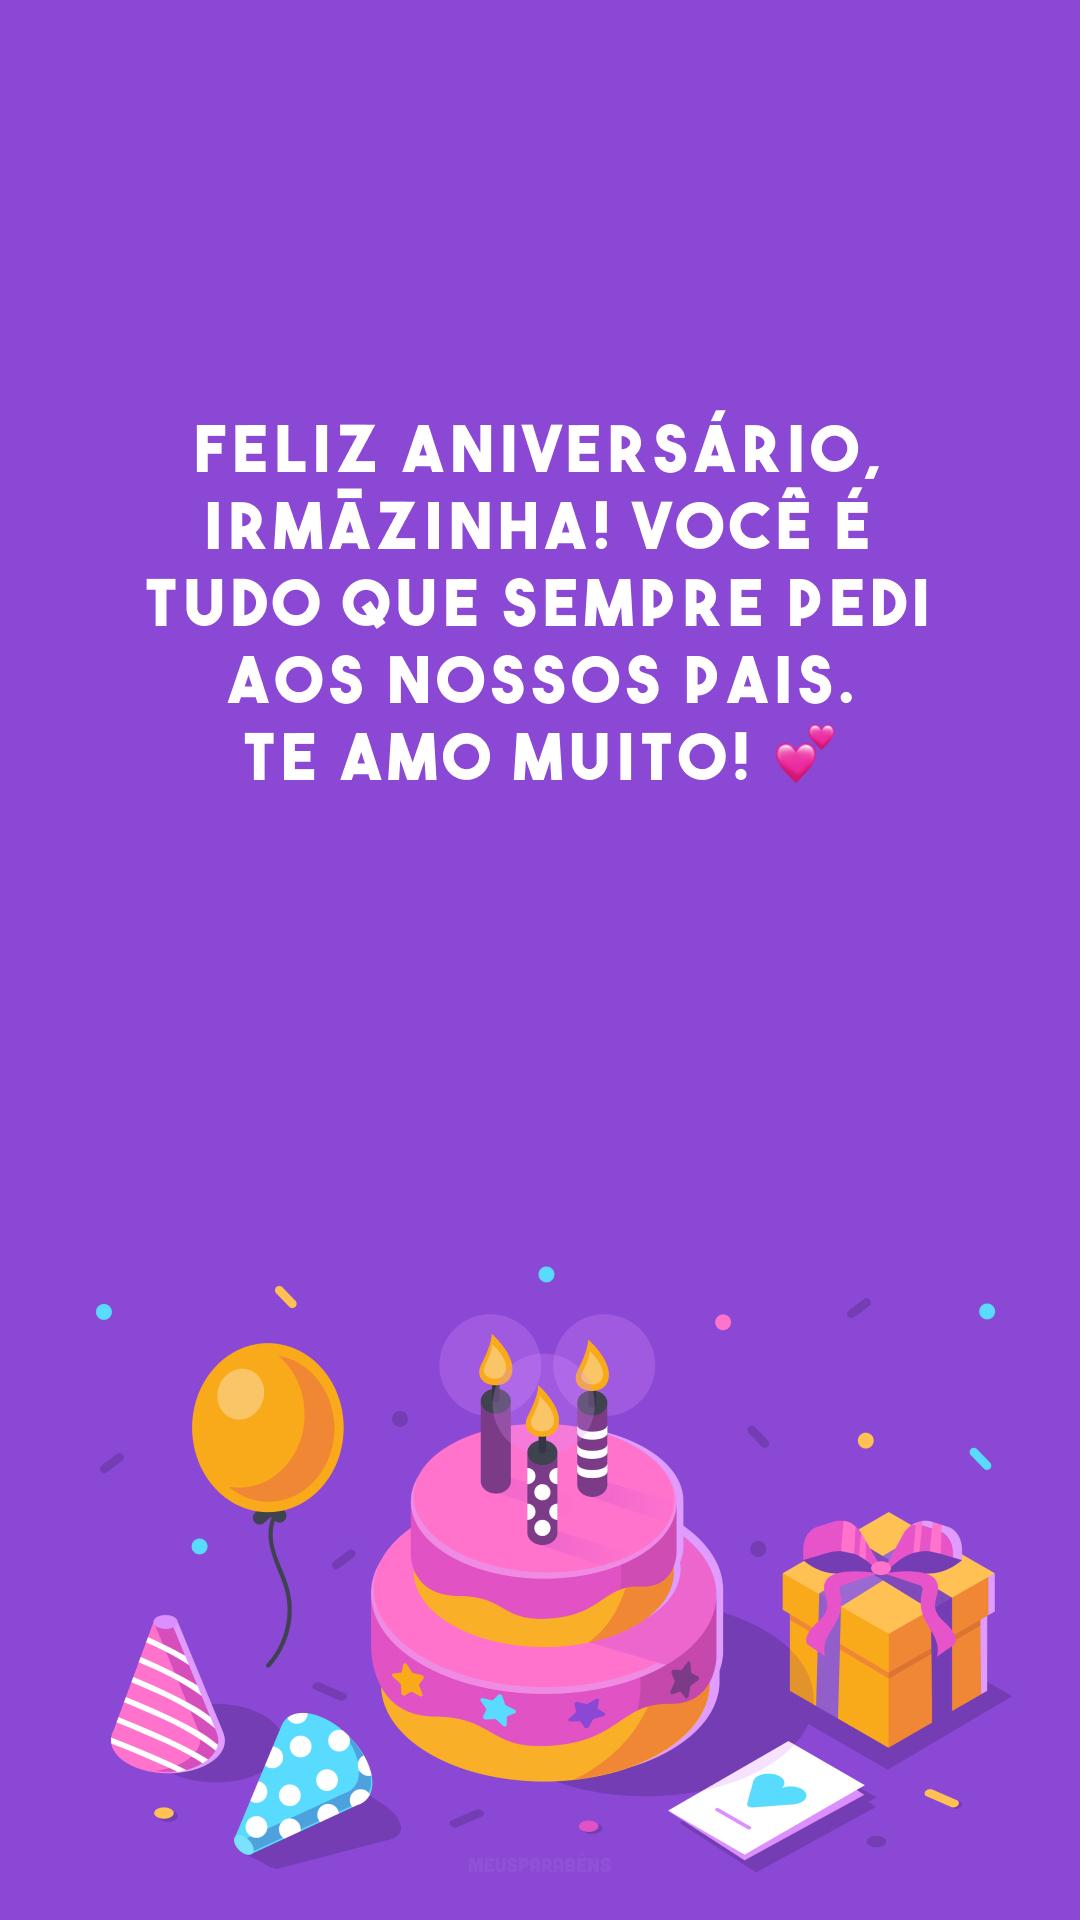 Feliz aniversário, irmãzinha! Você é tudo que sempre pedi aos nossos pais. Te amo muito! 💕